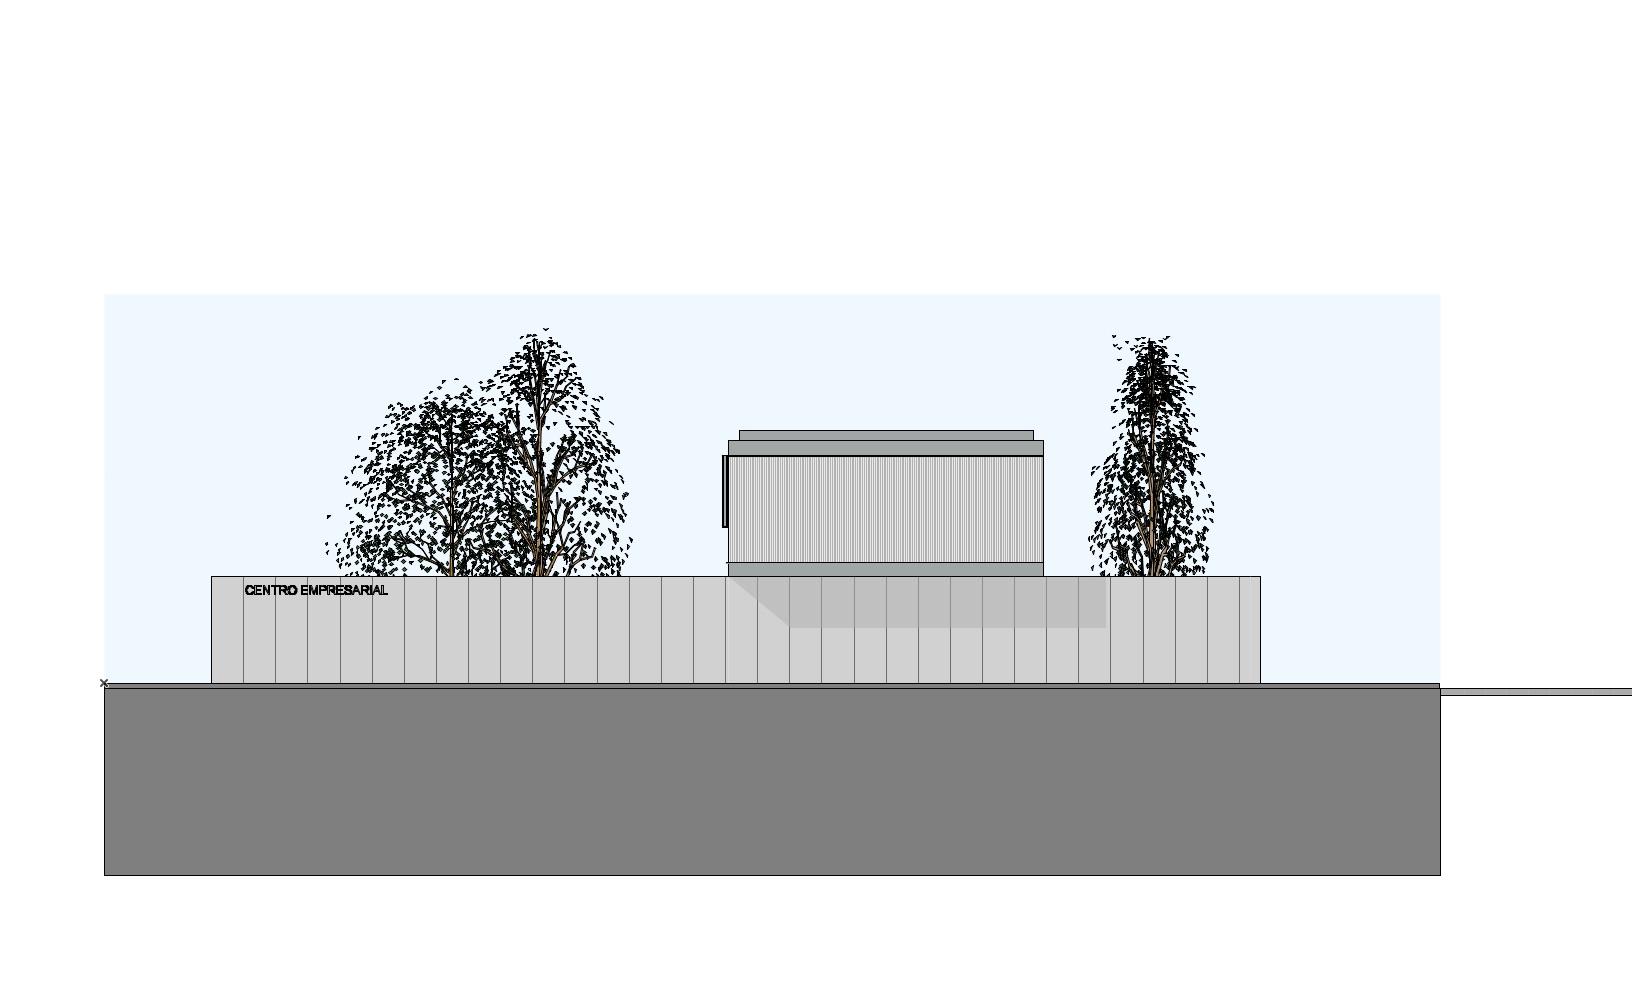 Centro Empresarial . Javier Marín Arquitecto